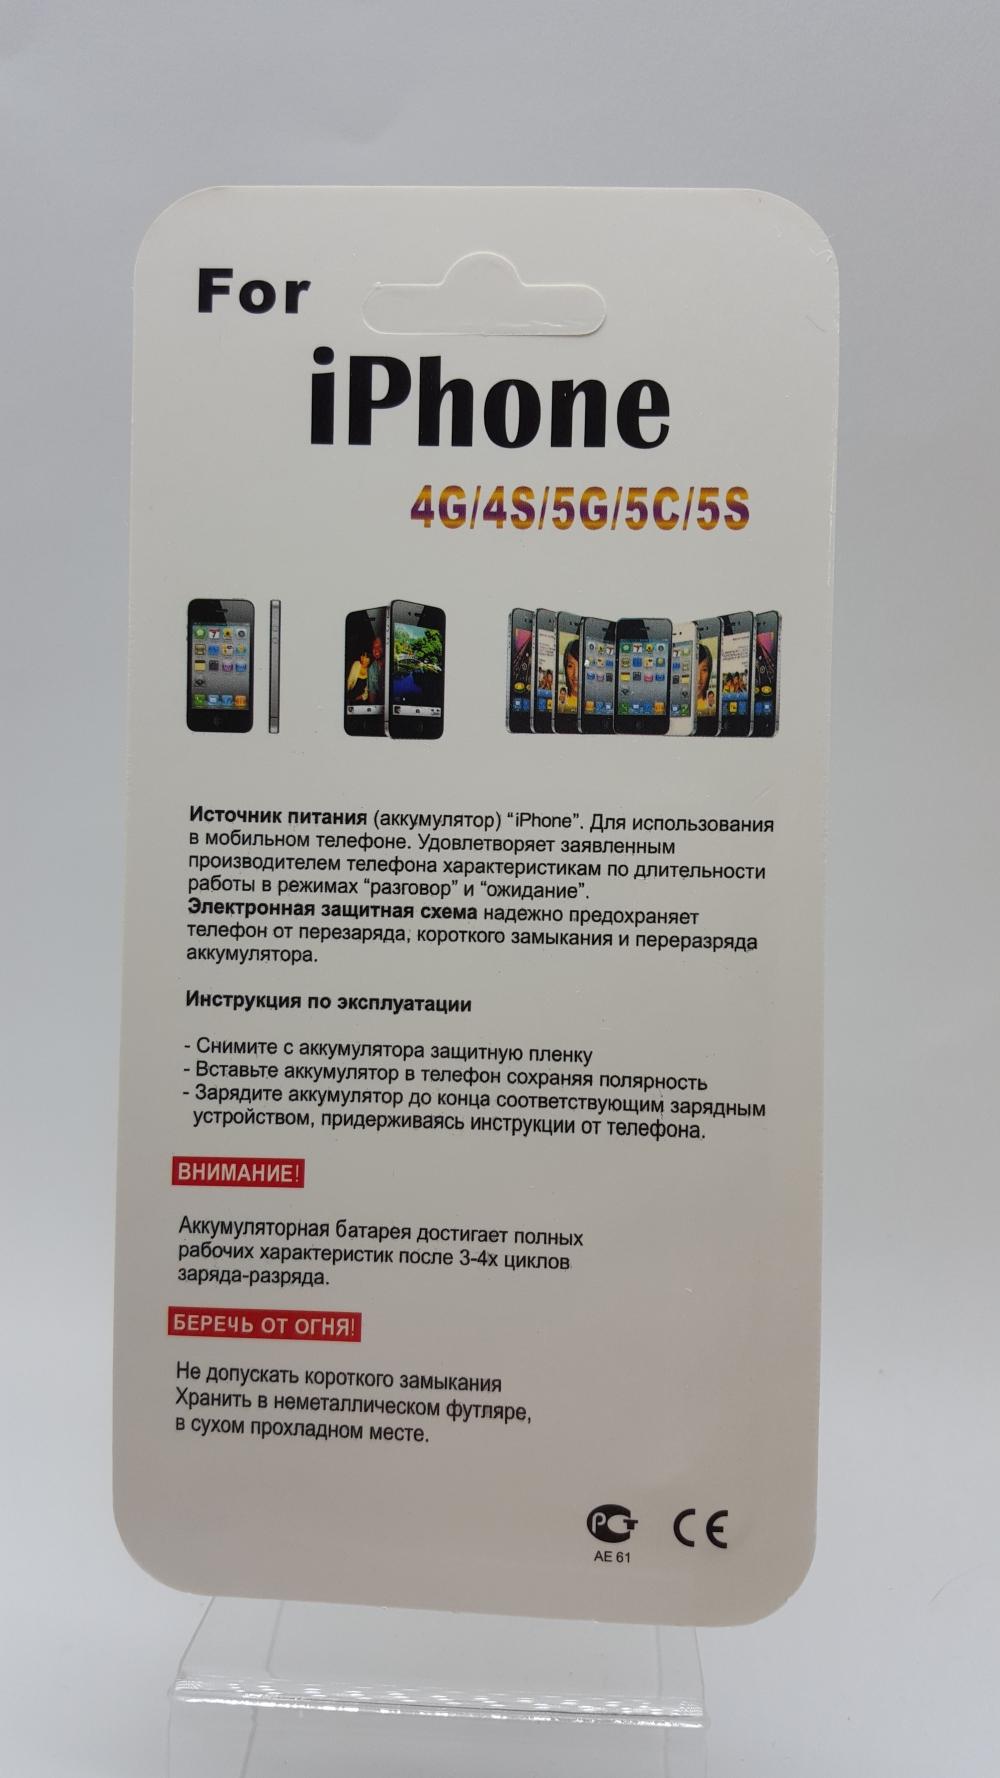 Аккумулятор Apple iPhone 5G 1440 mAh, 3.7V Батарея - 1